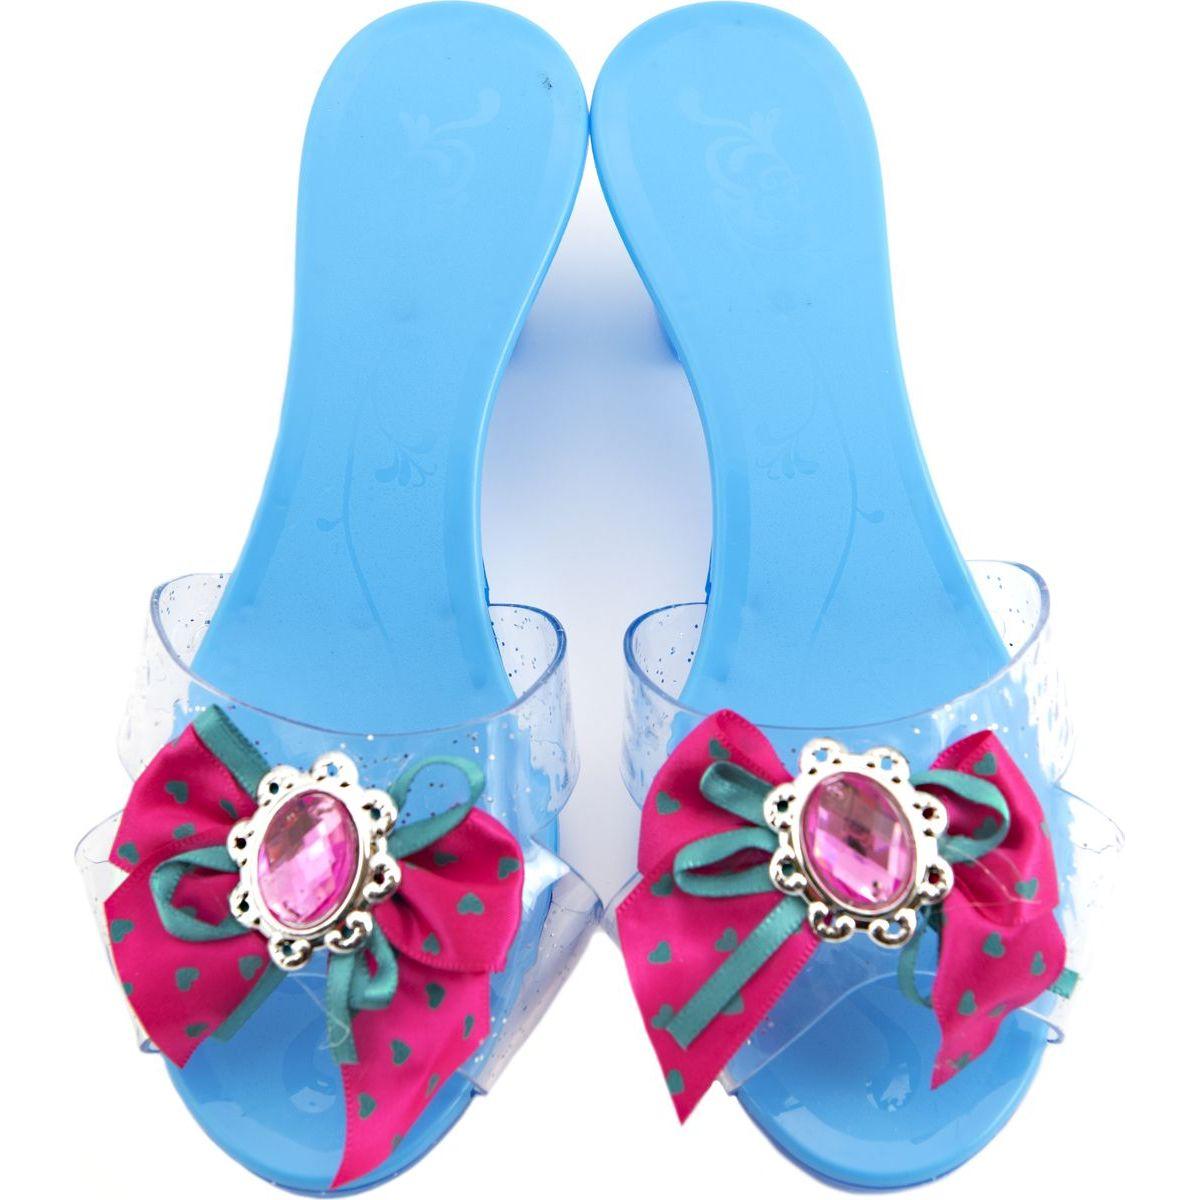 Střevíčky pro princeznu plastové 18cm modrá